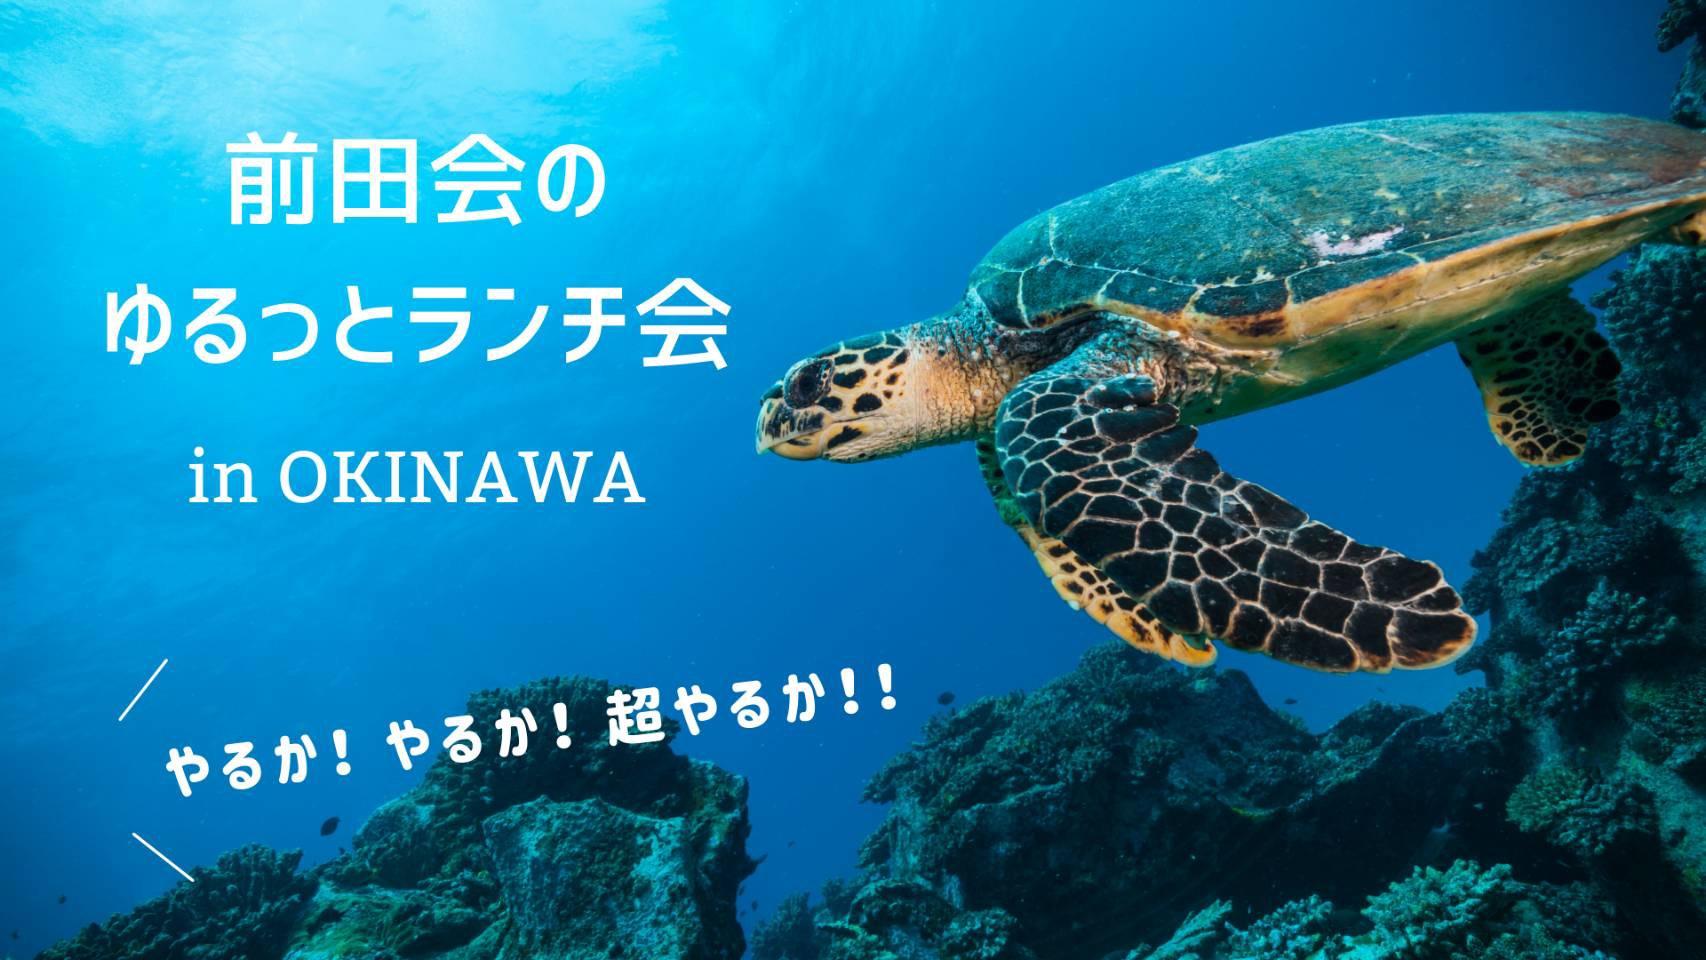 沖縄ランチ会